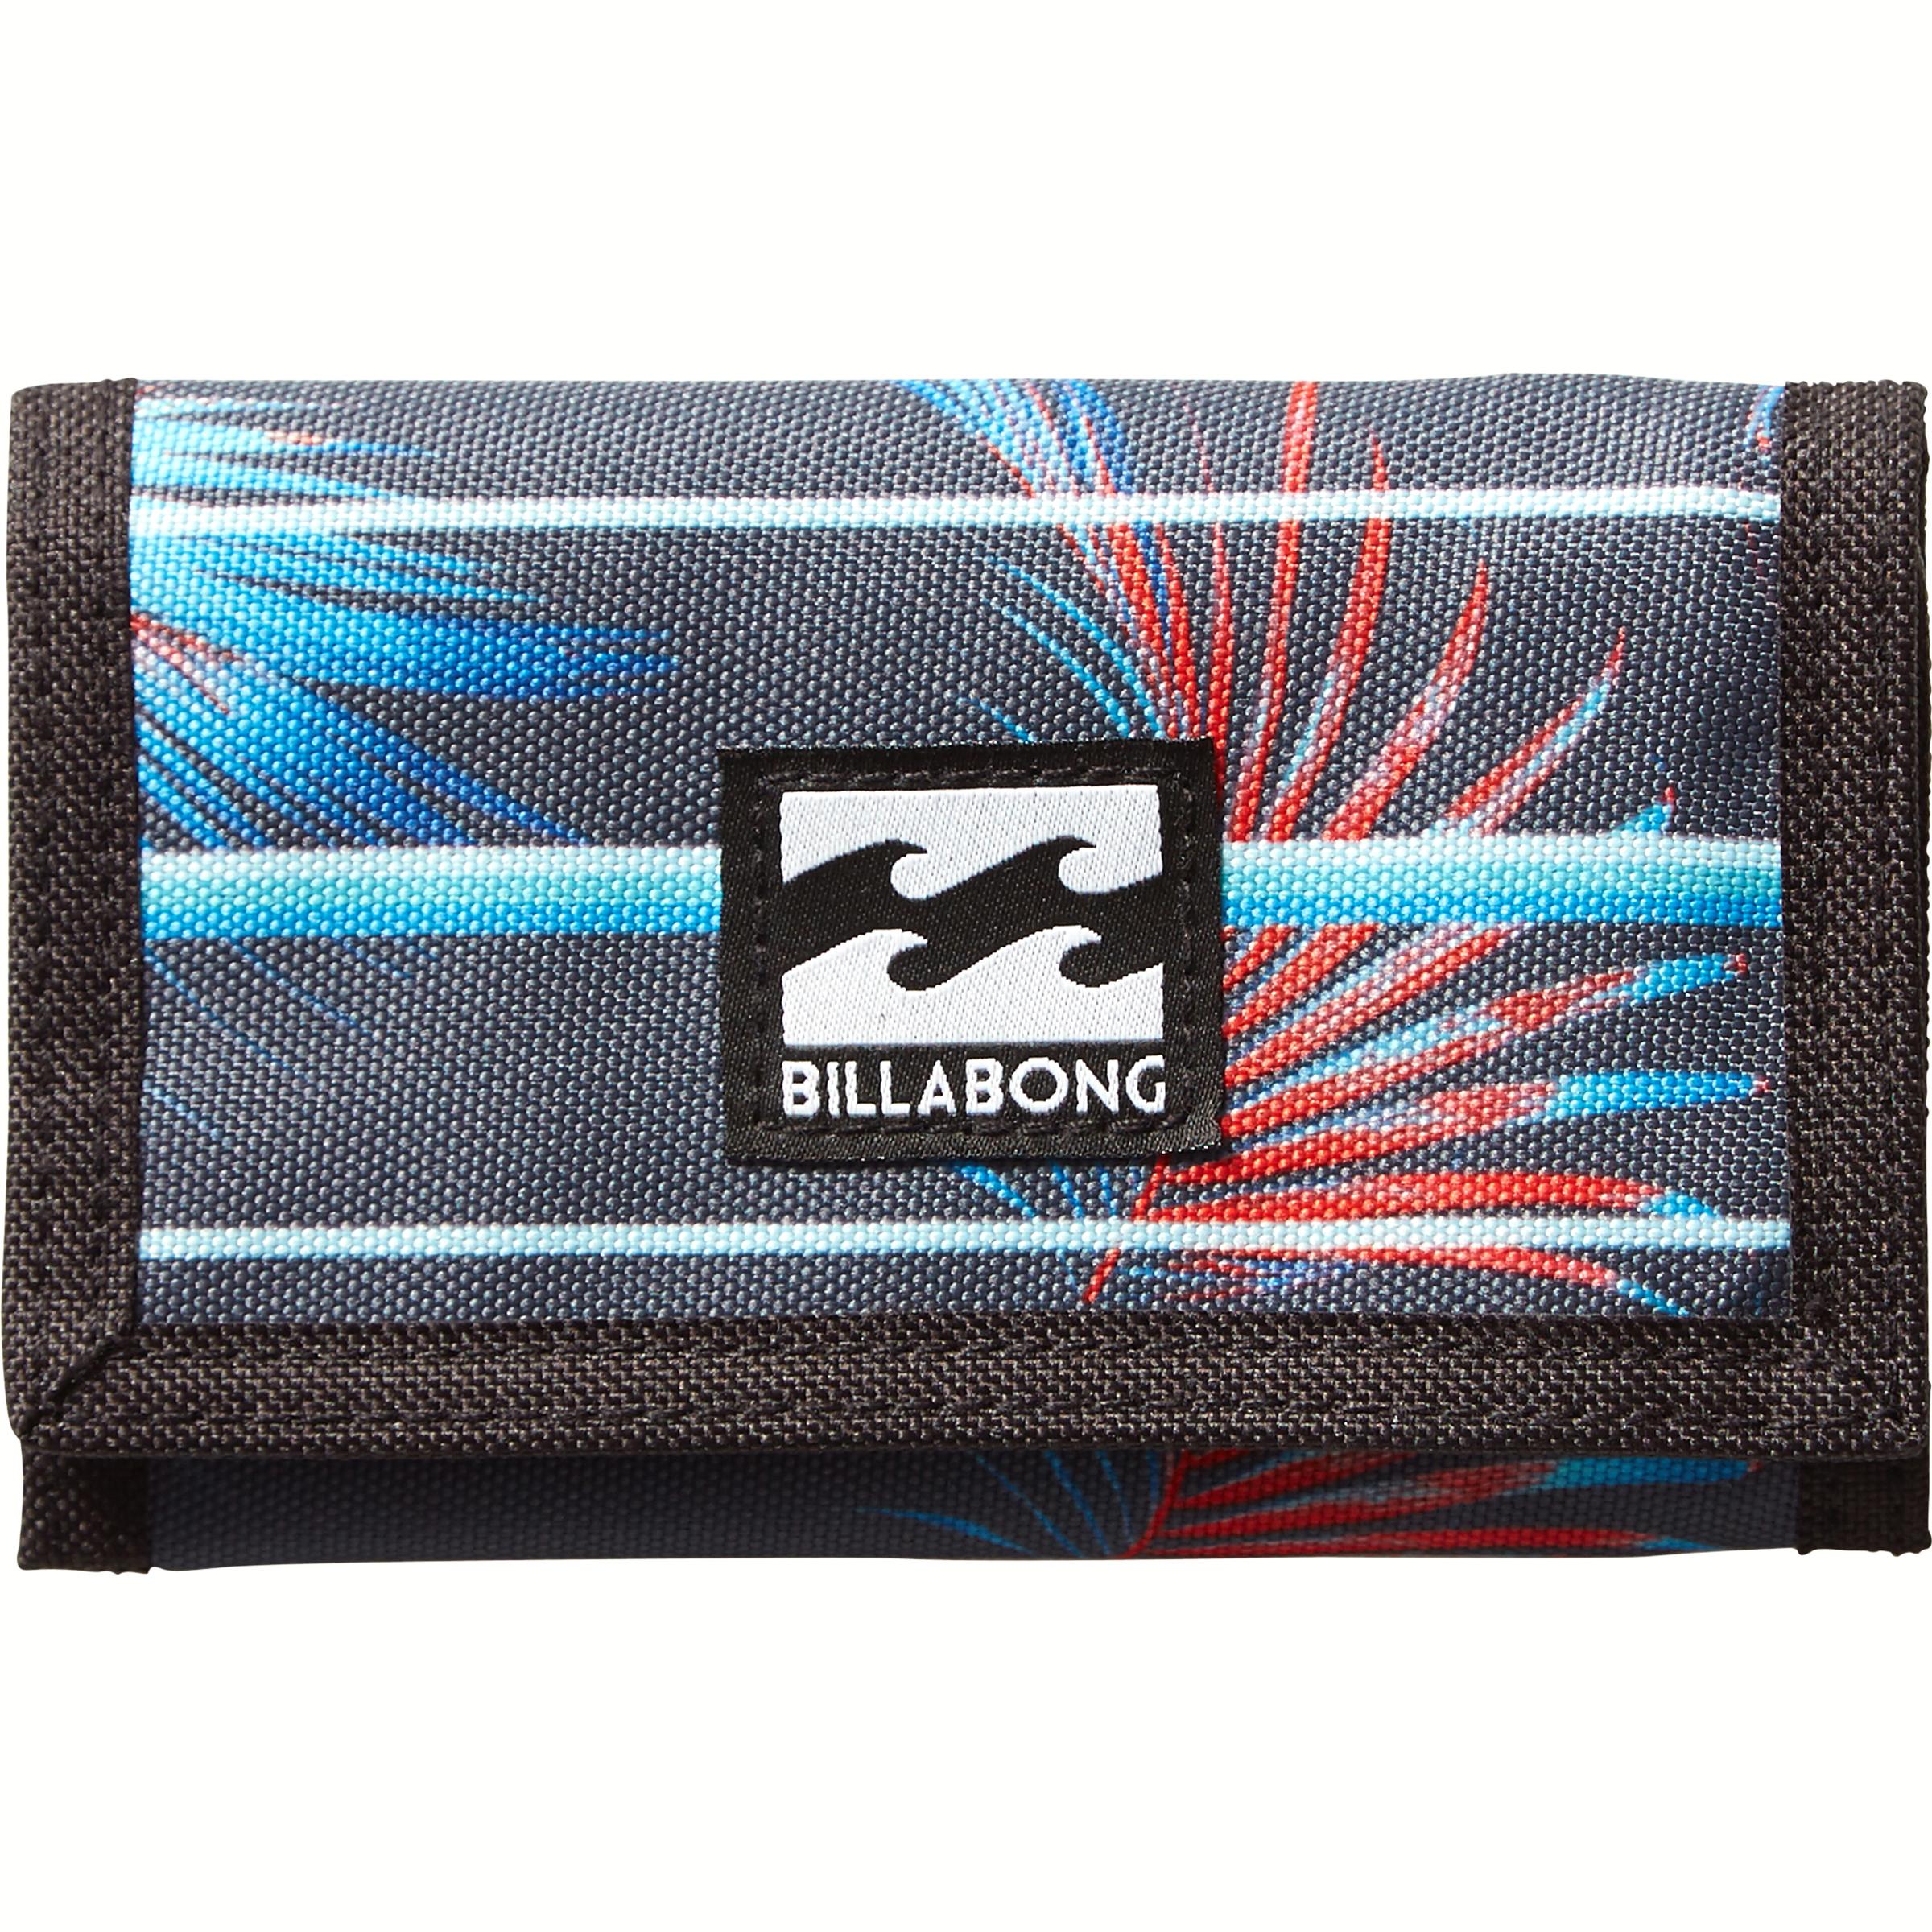 Кошелек Billabong Atom Wallet, цвет: черный, красный, голубой. 36078693694763607869369476Классический тряпичный кошелек с новыми расцветками от Billabong.